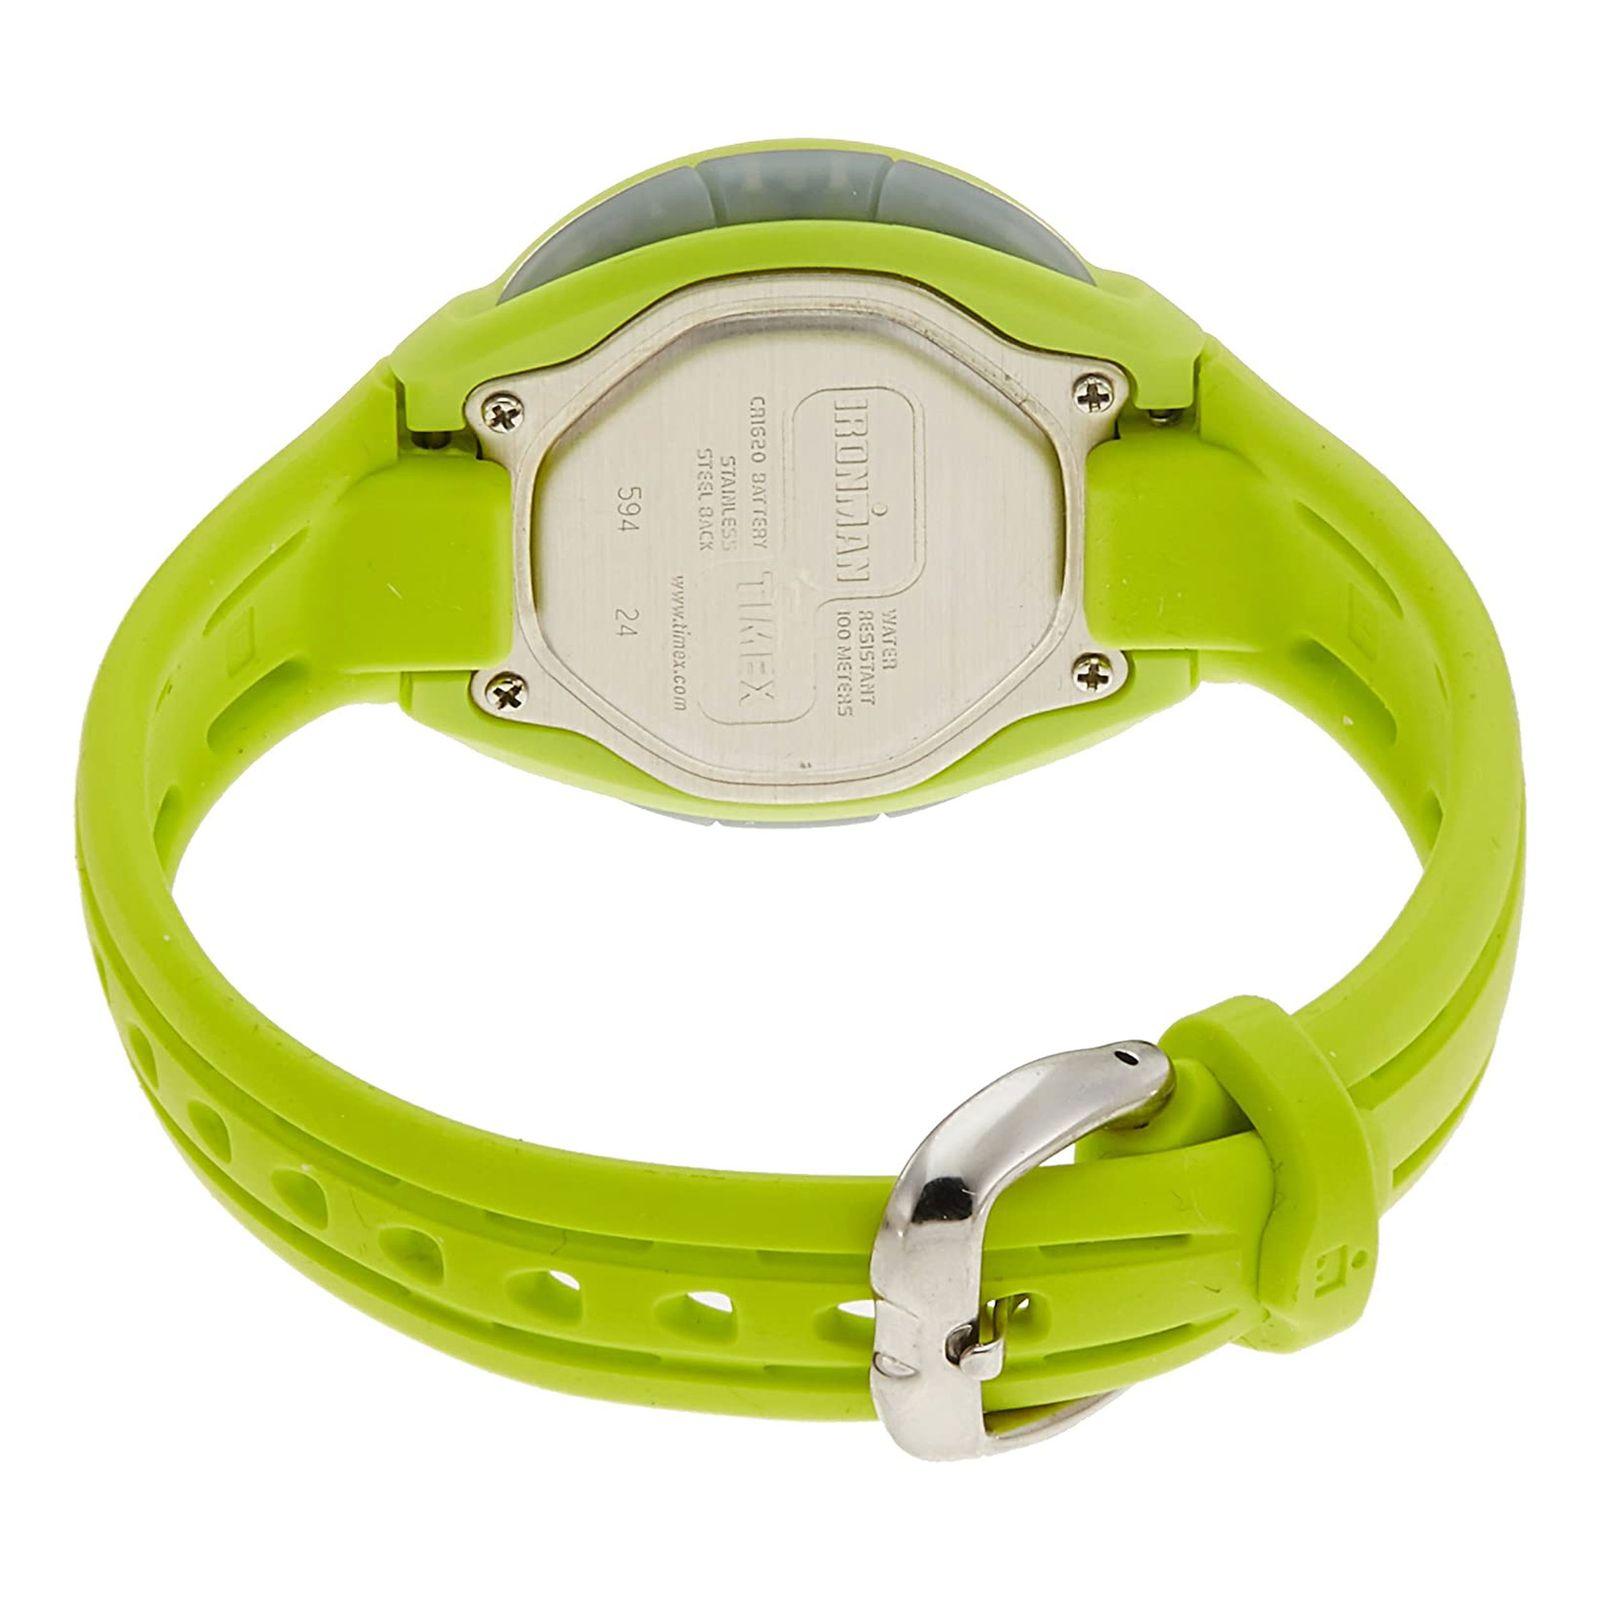 ساعت مچی دیجیتال زنانه تایمکس مدل TW5K97700 -  - 3